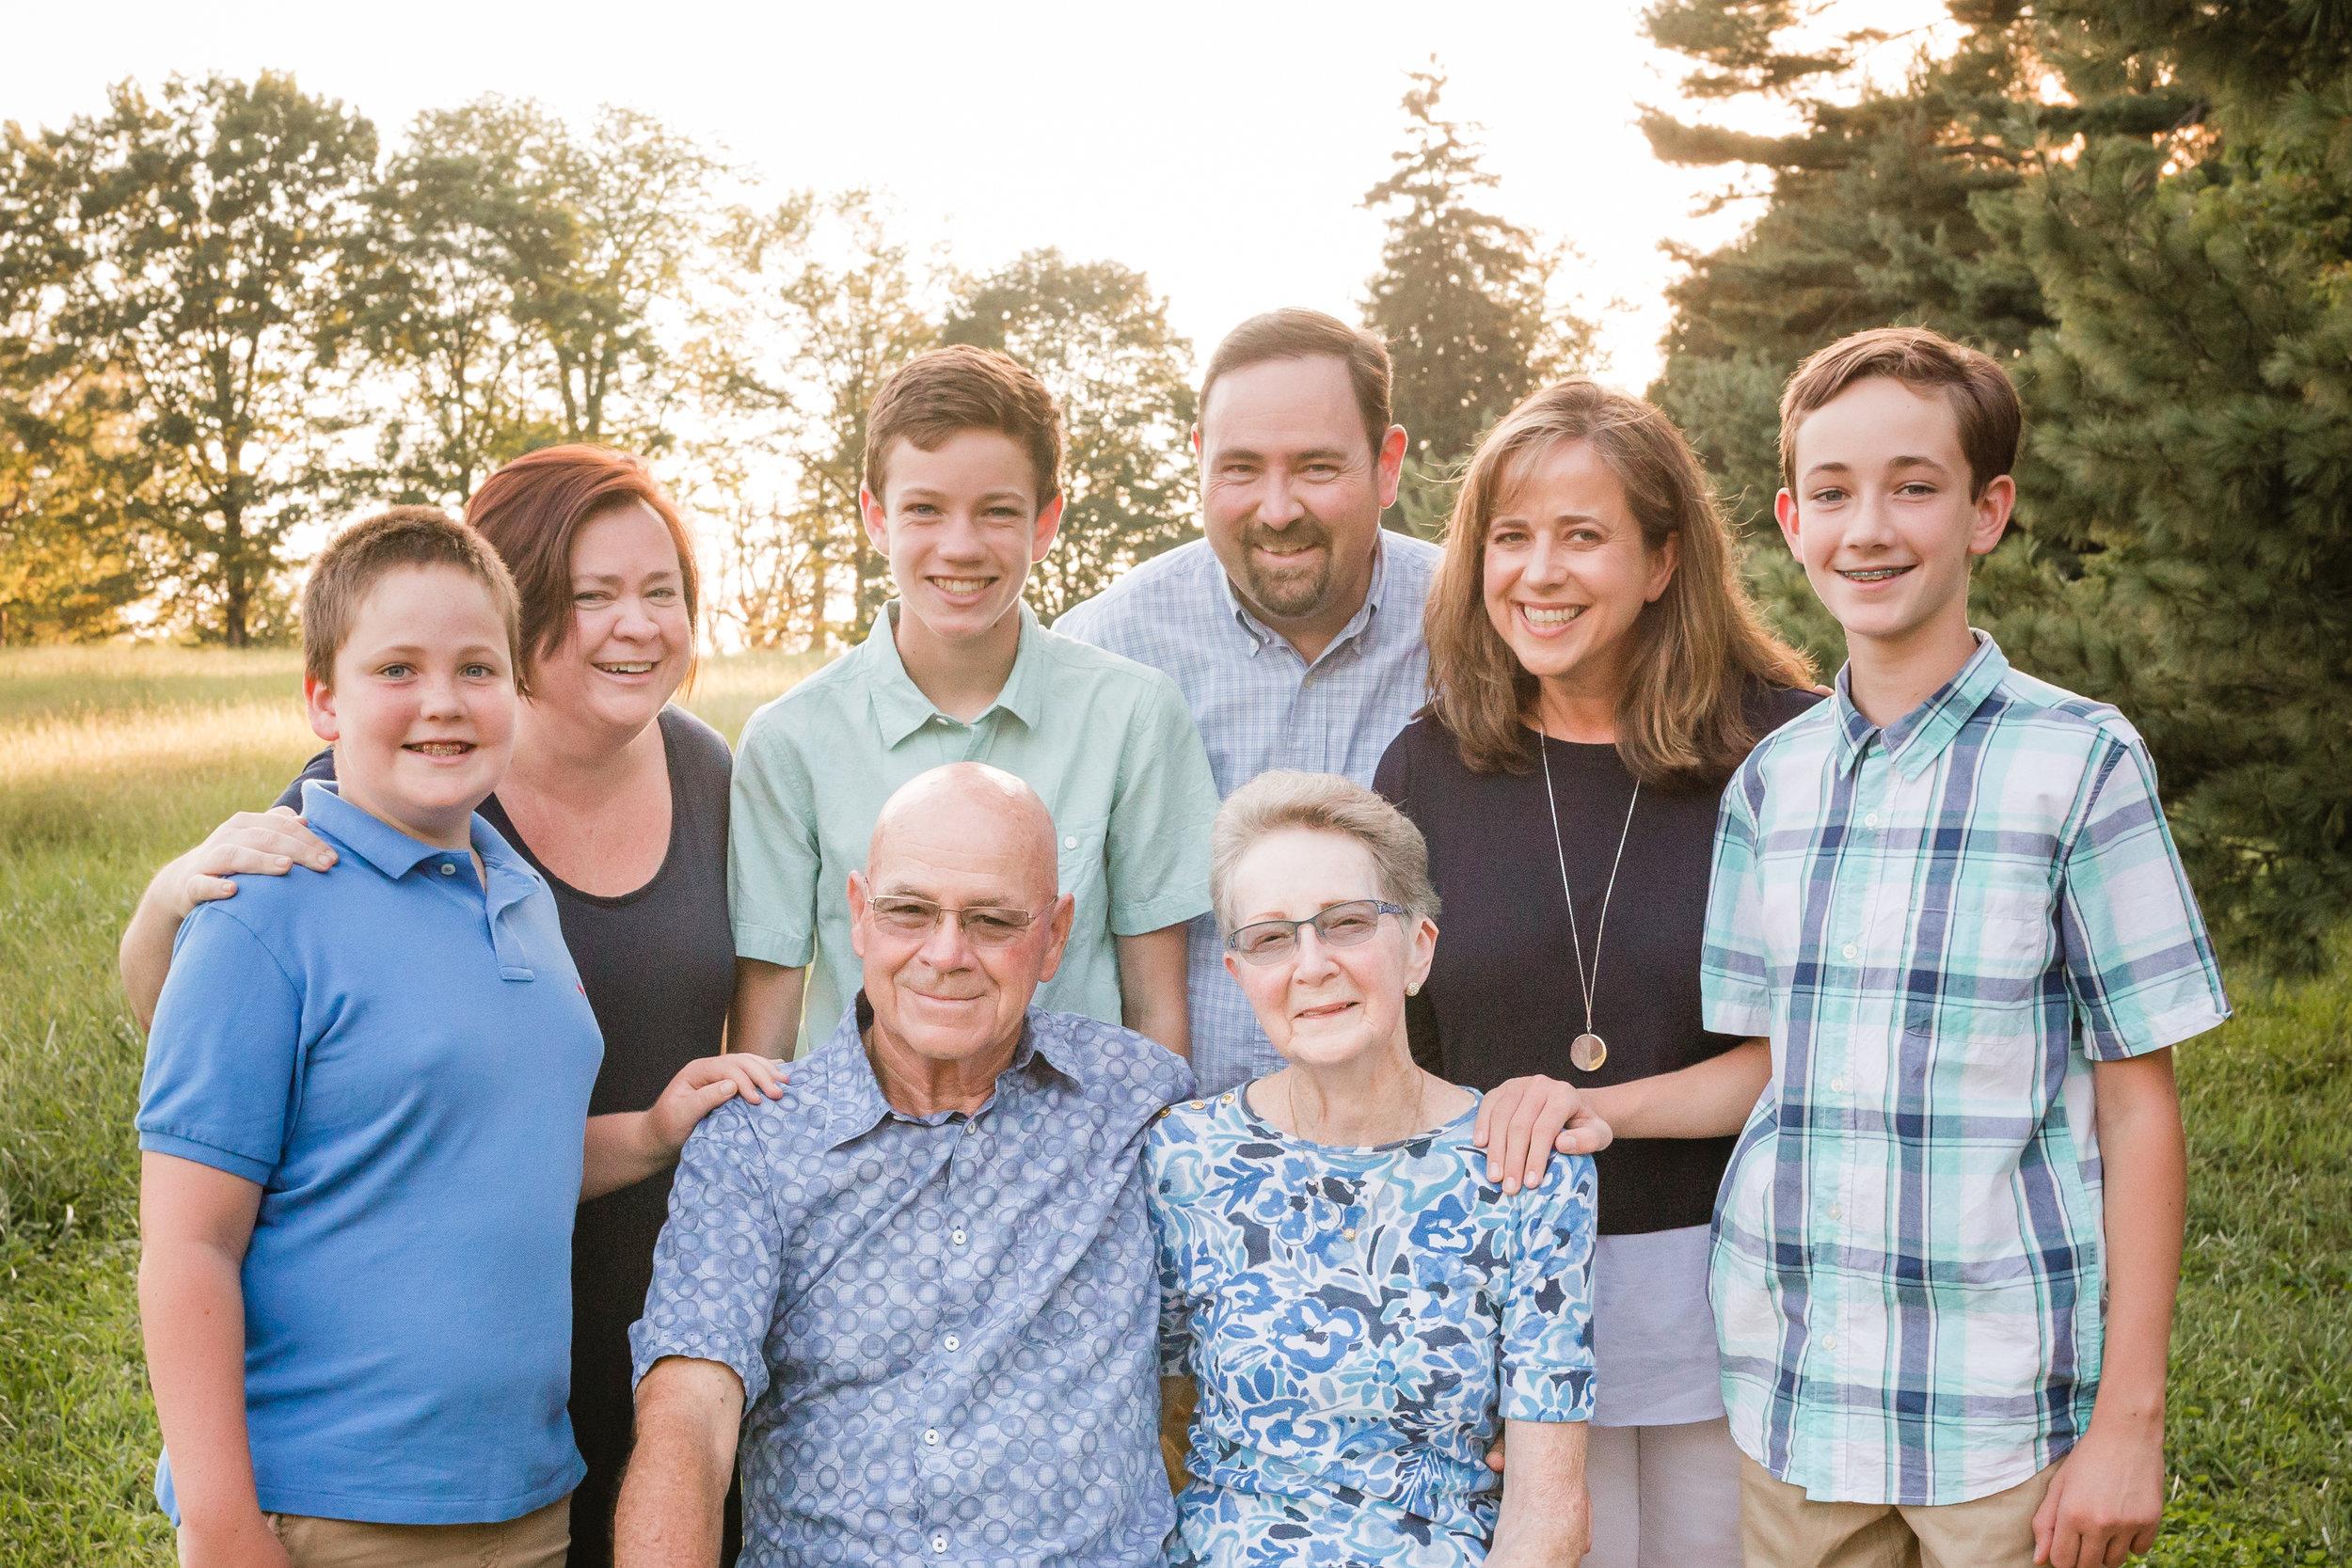 Frain Extended Family Session-9692.jpg